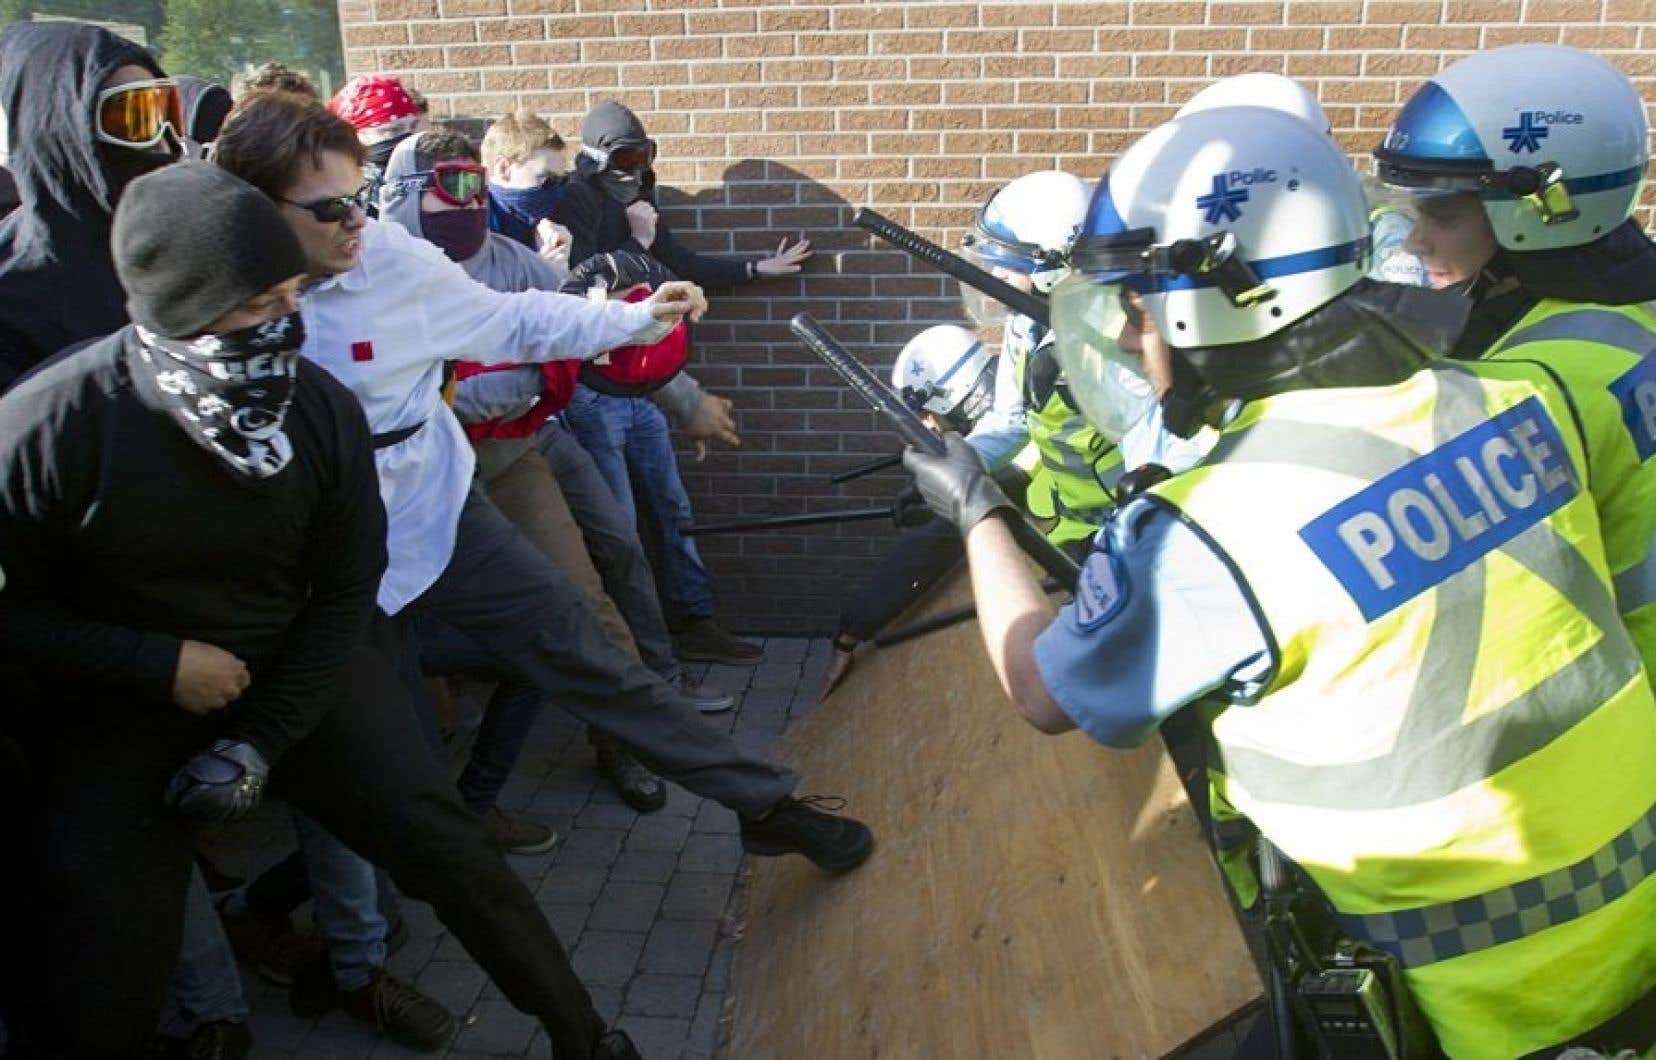 Les rassemblements du printemps érable de 2012 ont donné lieu à de nombreux affrontements et incidents impliquant des policiers et des manifestants.